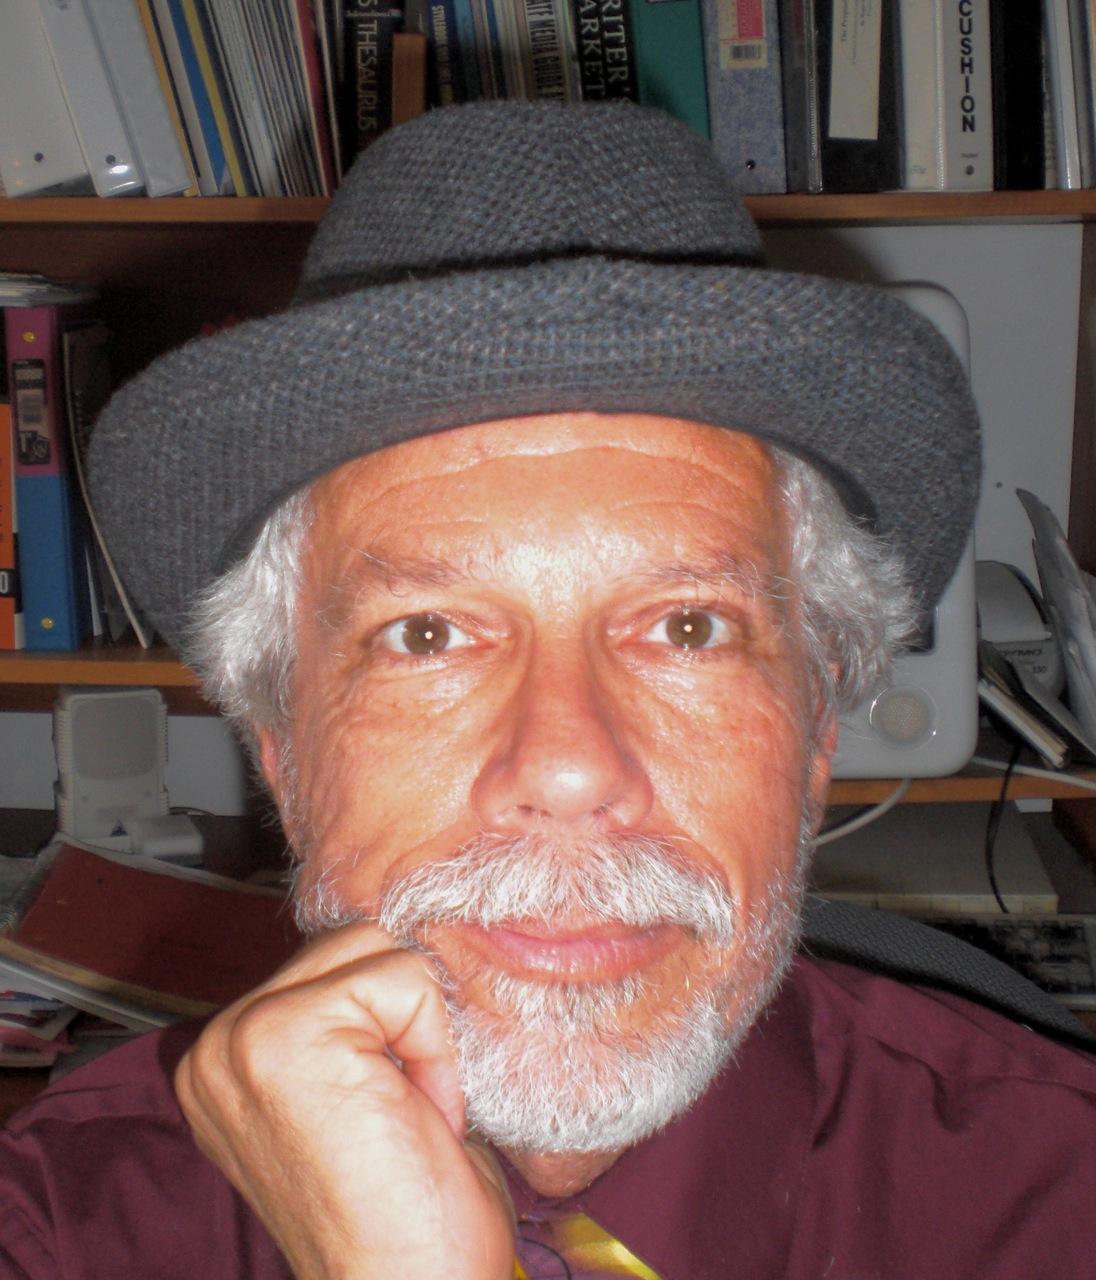 Richard A Lovett  Wikipedia